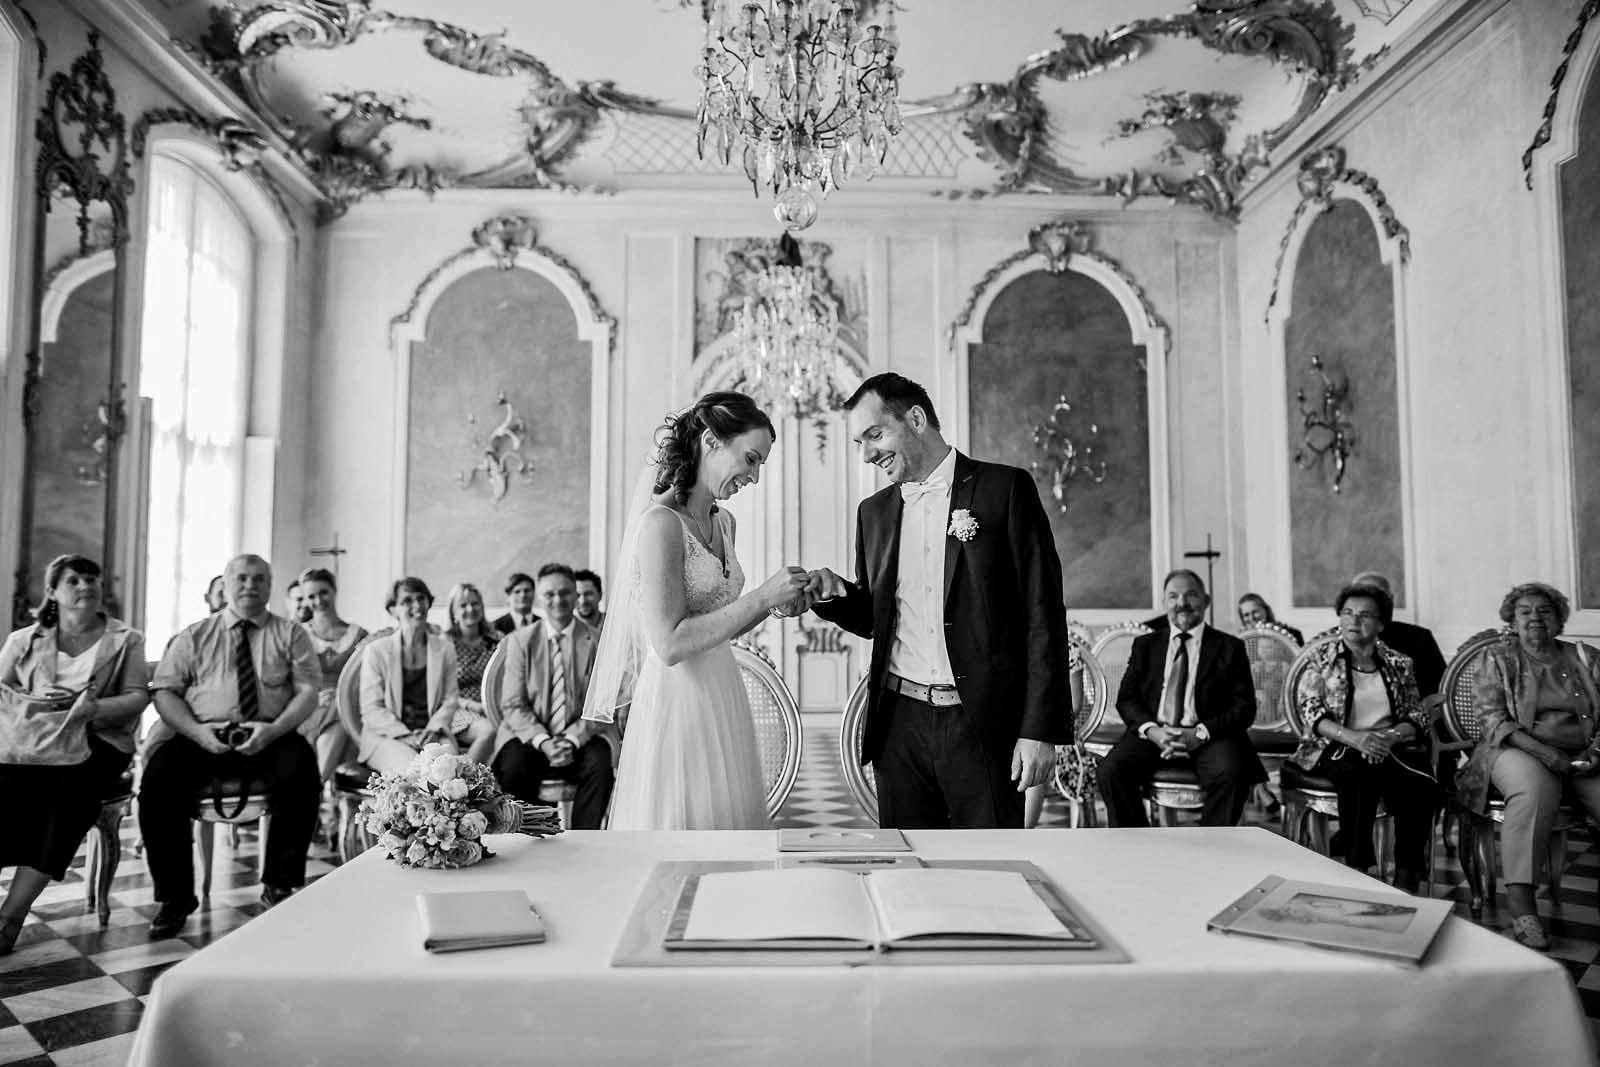 Hochzeit in den Neuen Kammern Sanssouci Potsdam Copyright by Hochzeitsfotograf www.berliner-hochzeitsfotografie.de